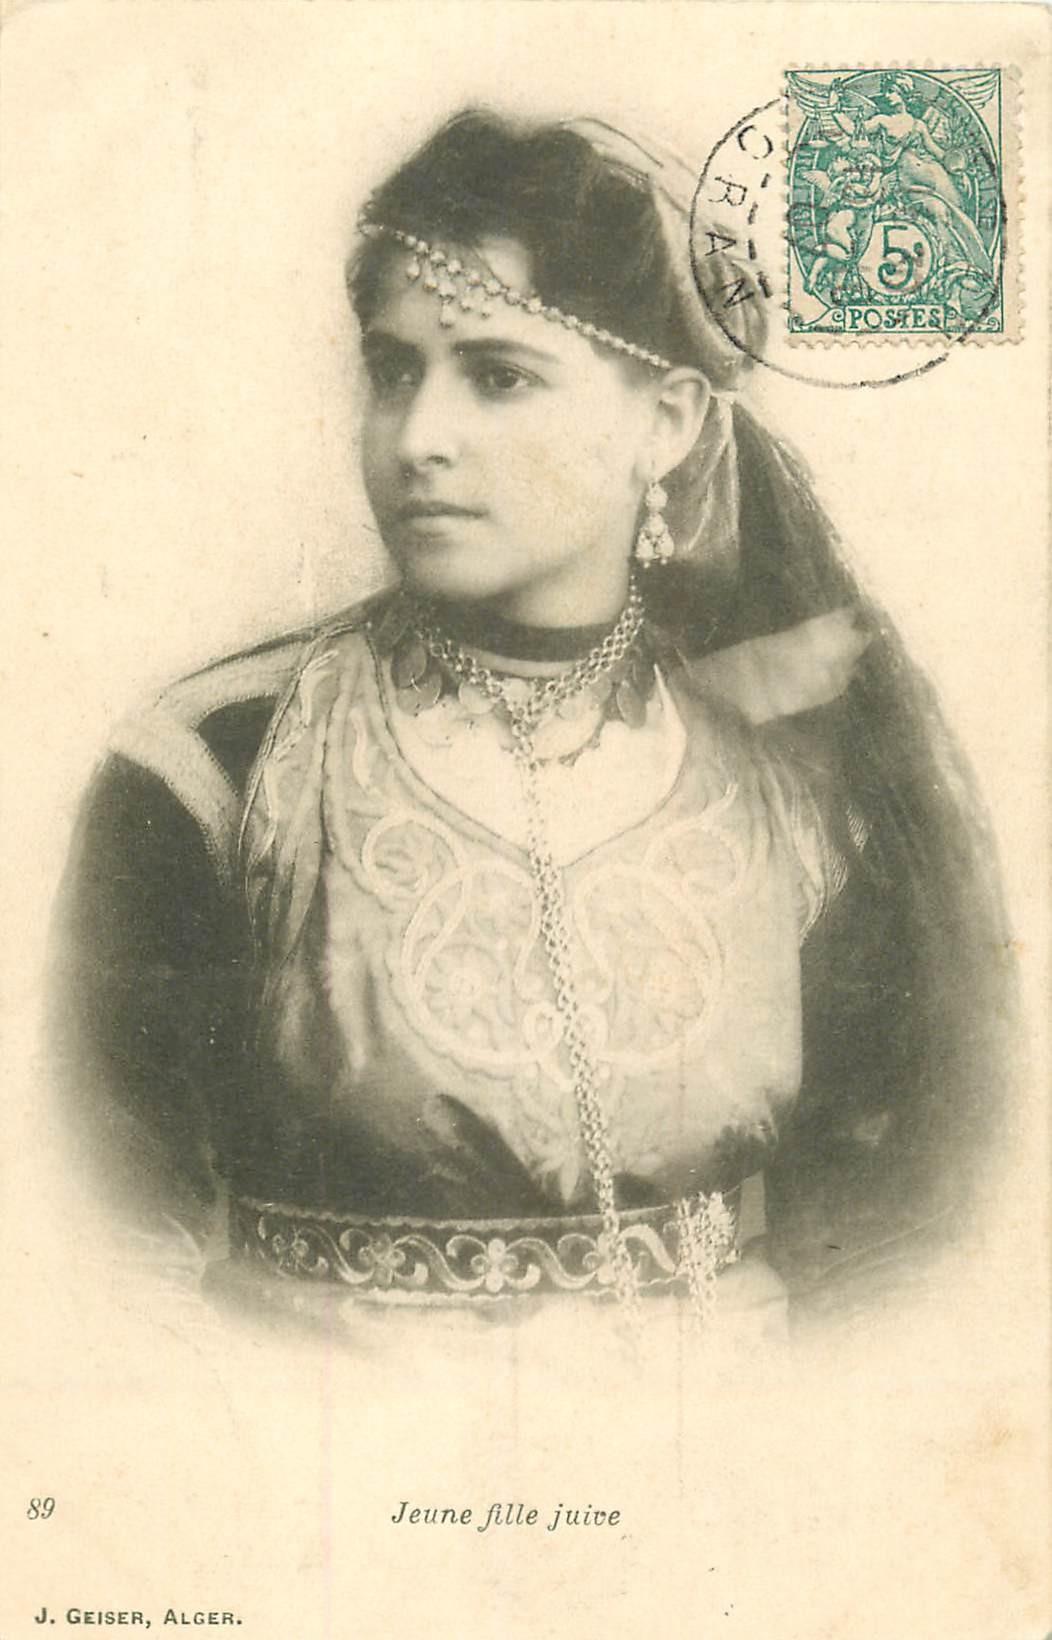 WW ALGERIE. Jeune fille Juive 1907